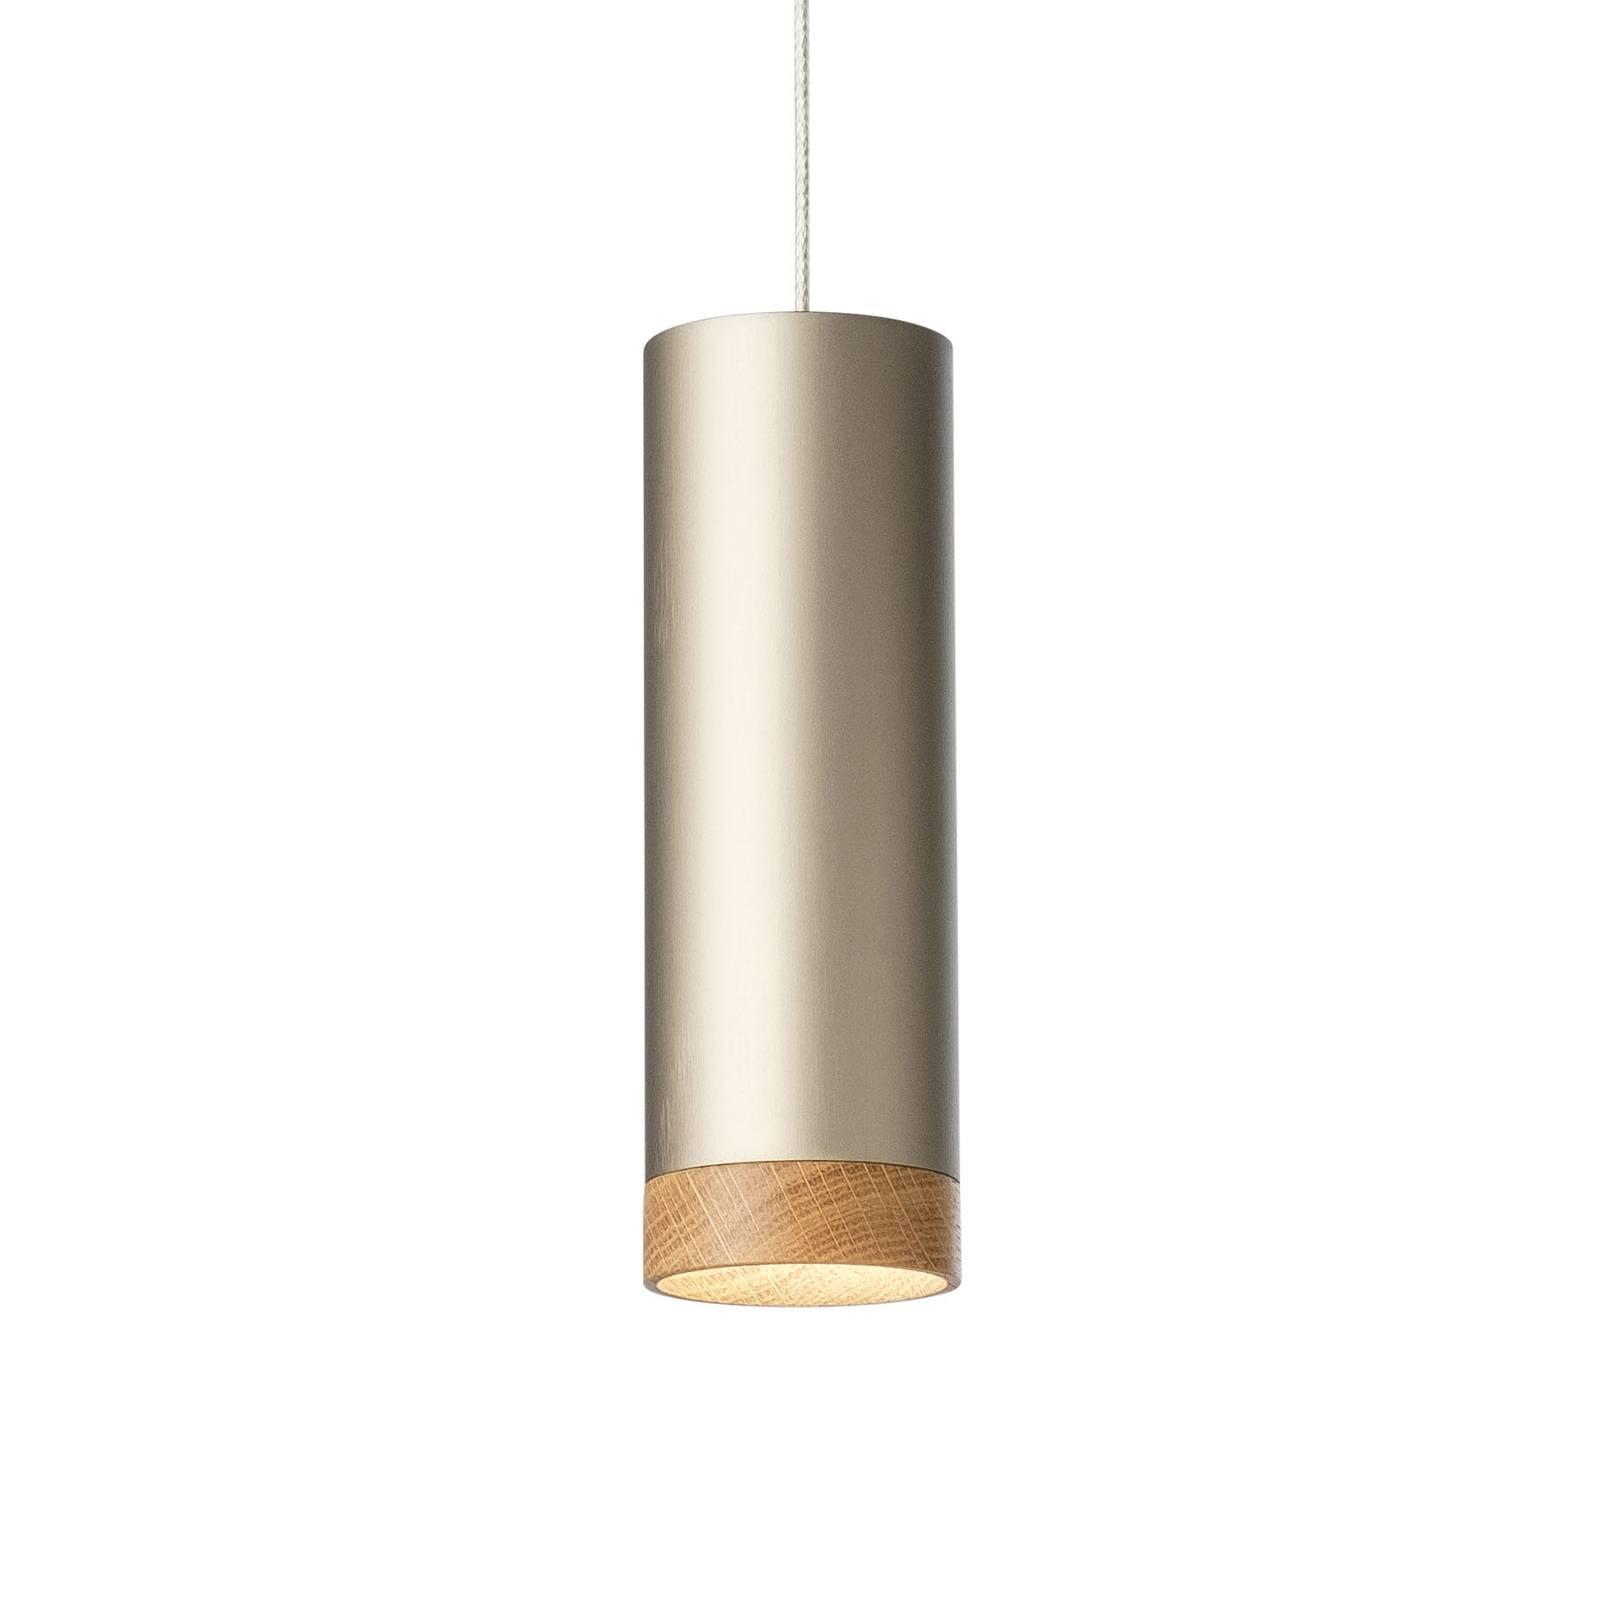 LED-riippuvalaisin PHEB, hopea-pronssi/tammi